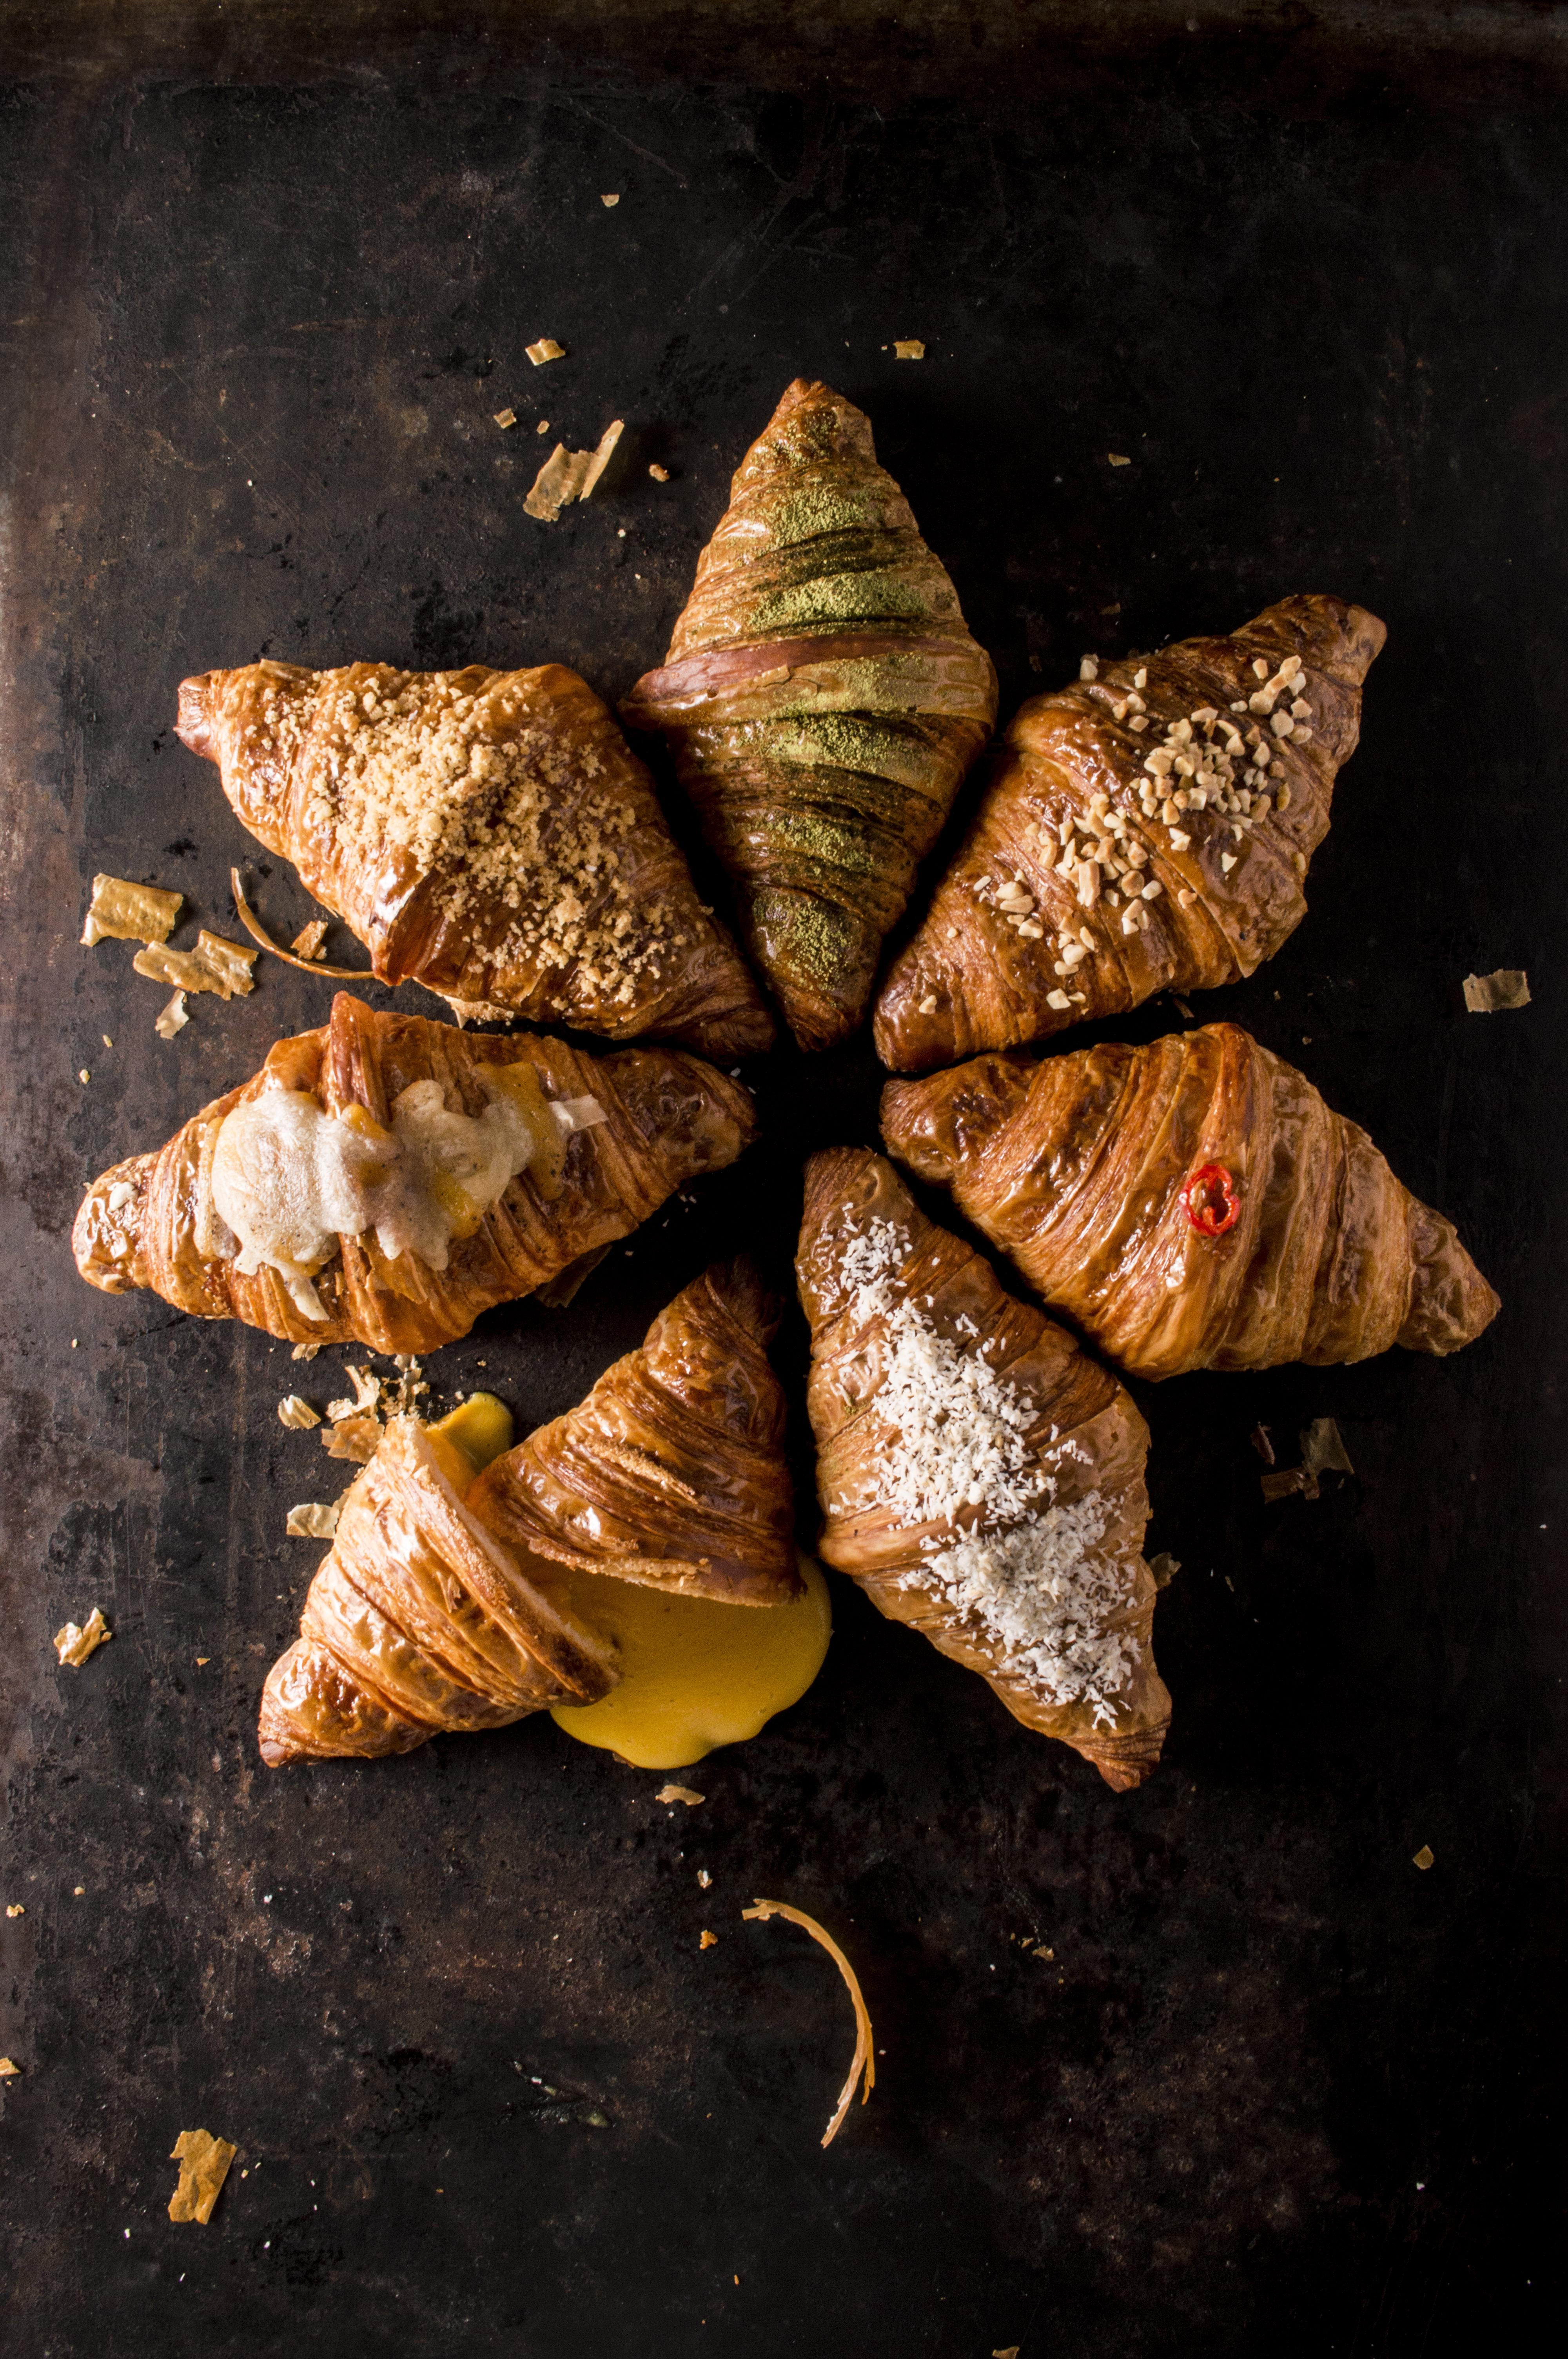 Antoinette's New Croissant Experience - La Croissanterie